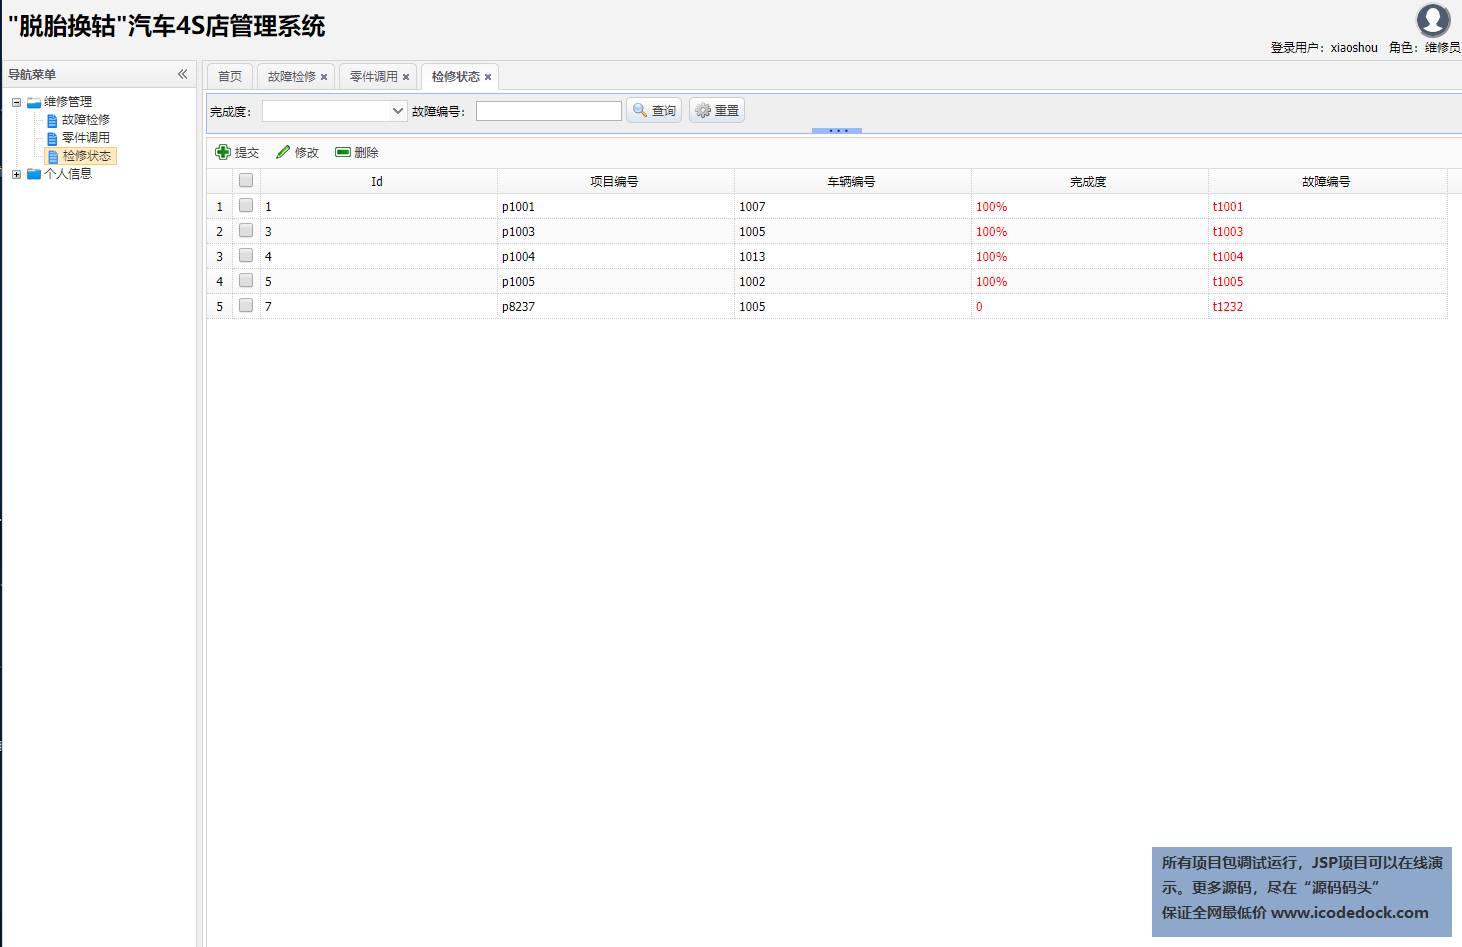 源码码头-SSH汽车4S店管理系统-维修员角色-检修状态